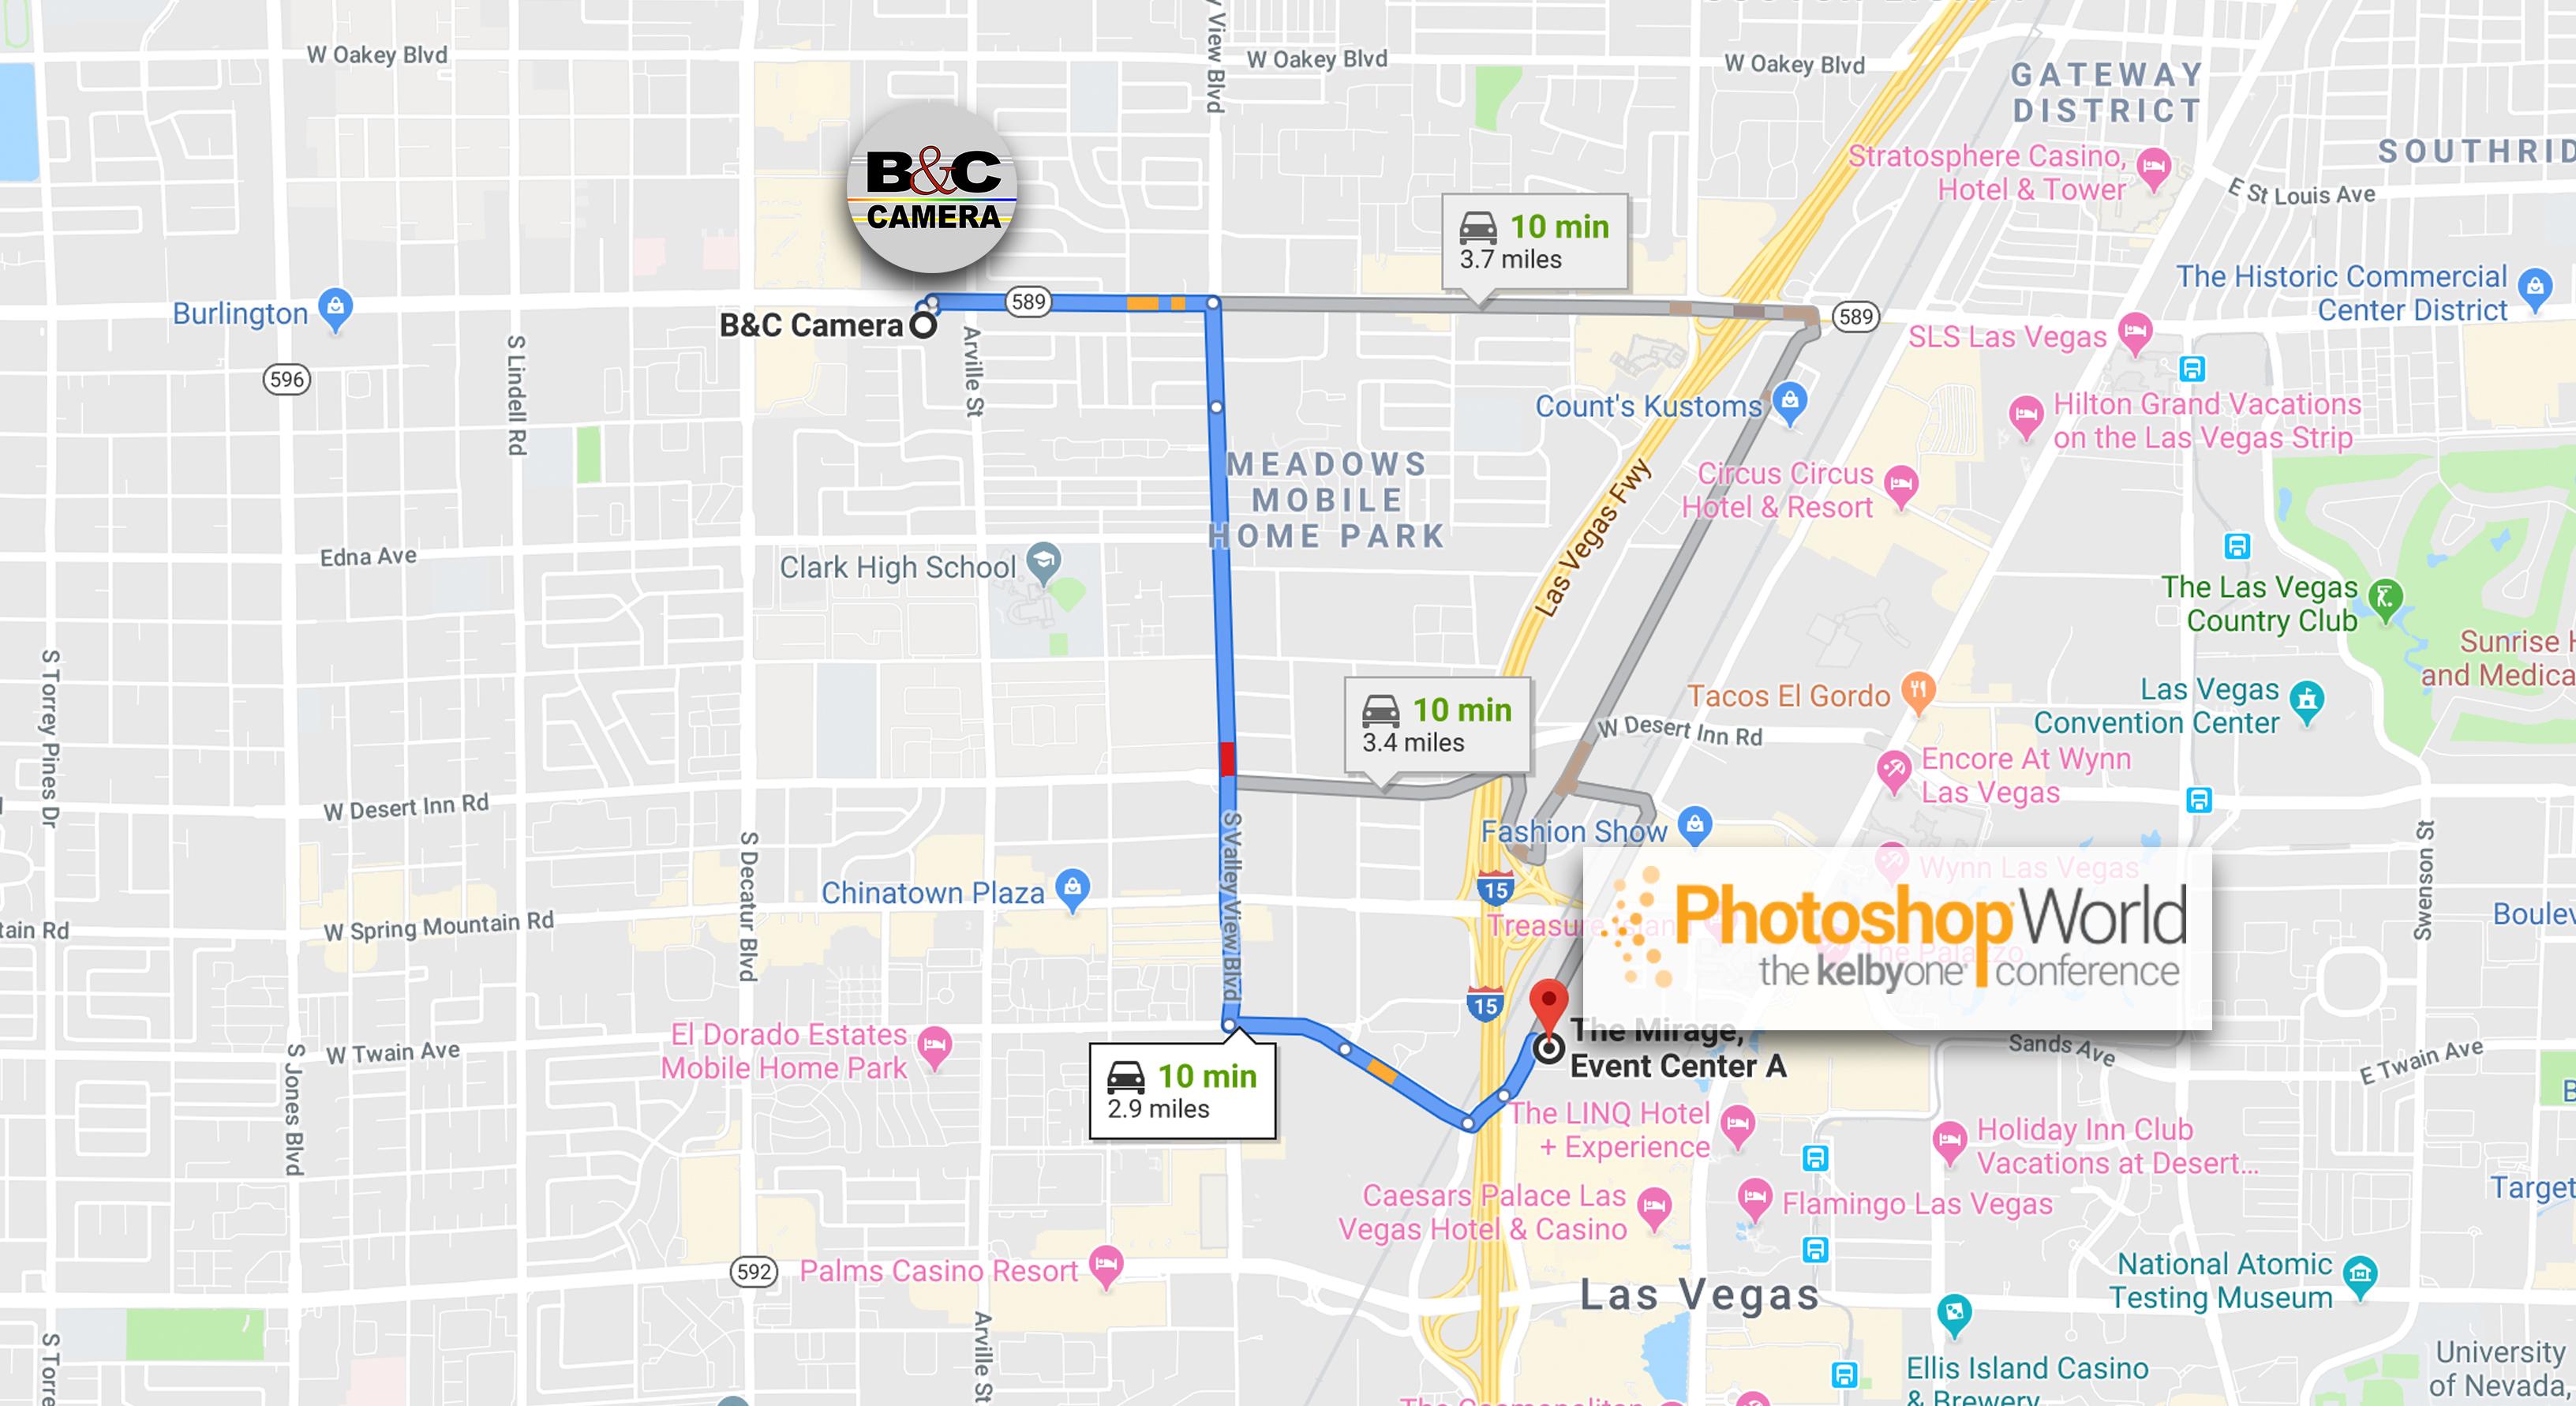 Photoshop World Map